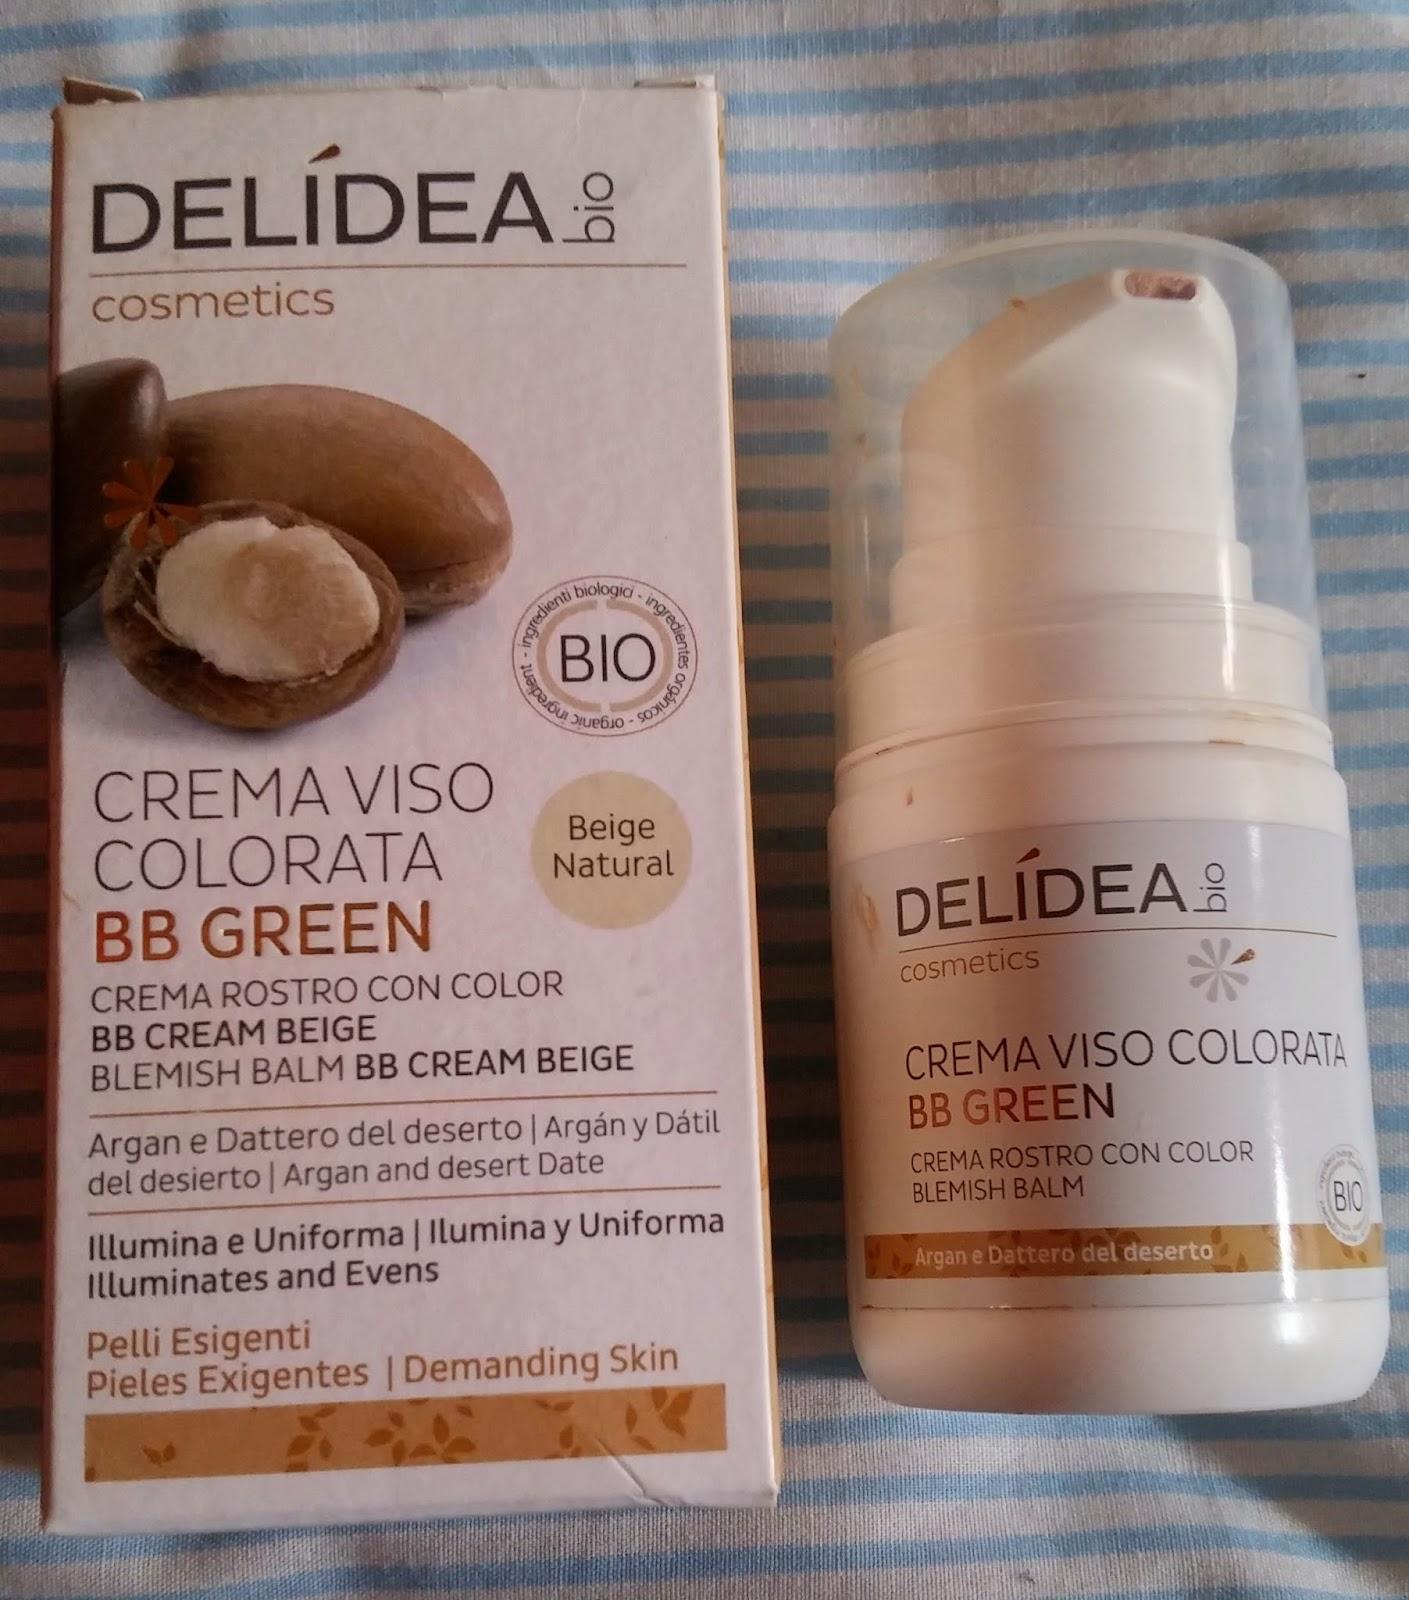 Crema Viso colorata BB Green, argan e dattero del deserto - Delidea Bio Cosmetics